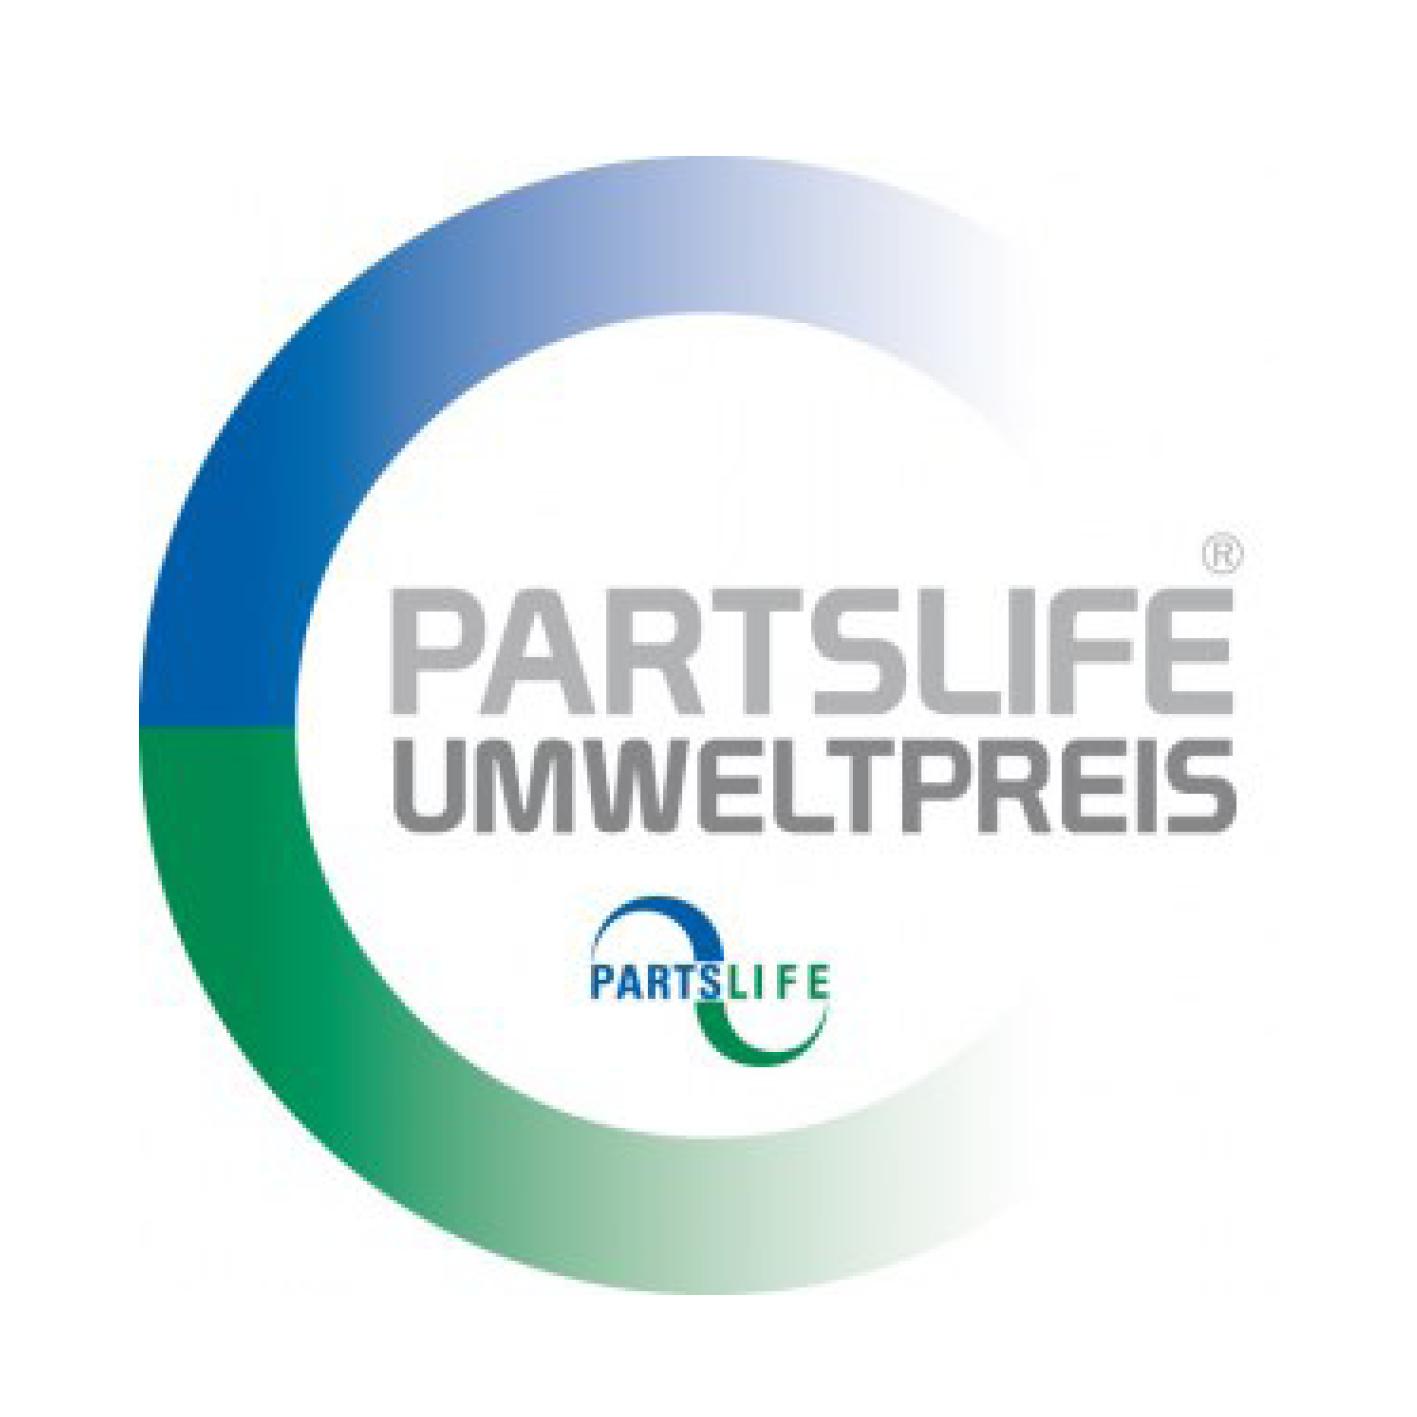 Partslife Umweltpreis 2019